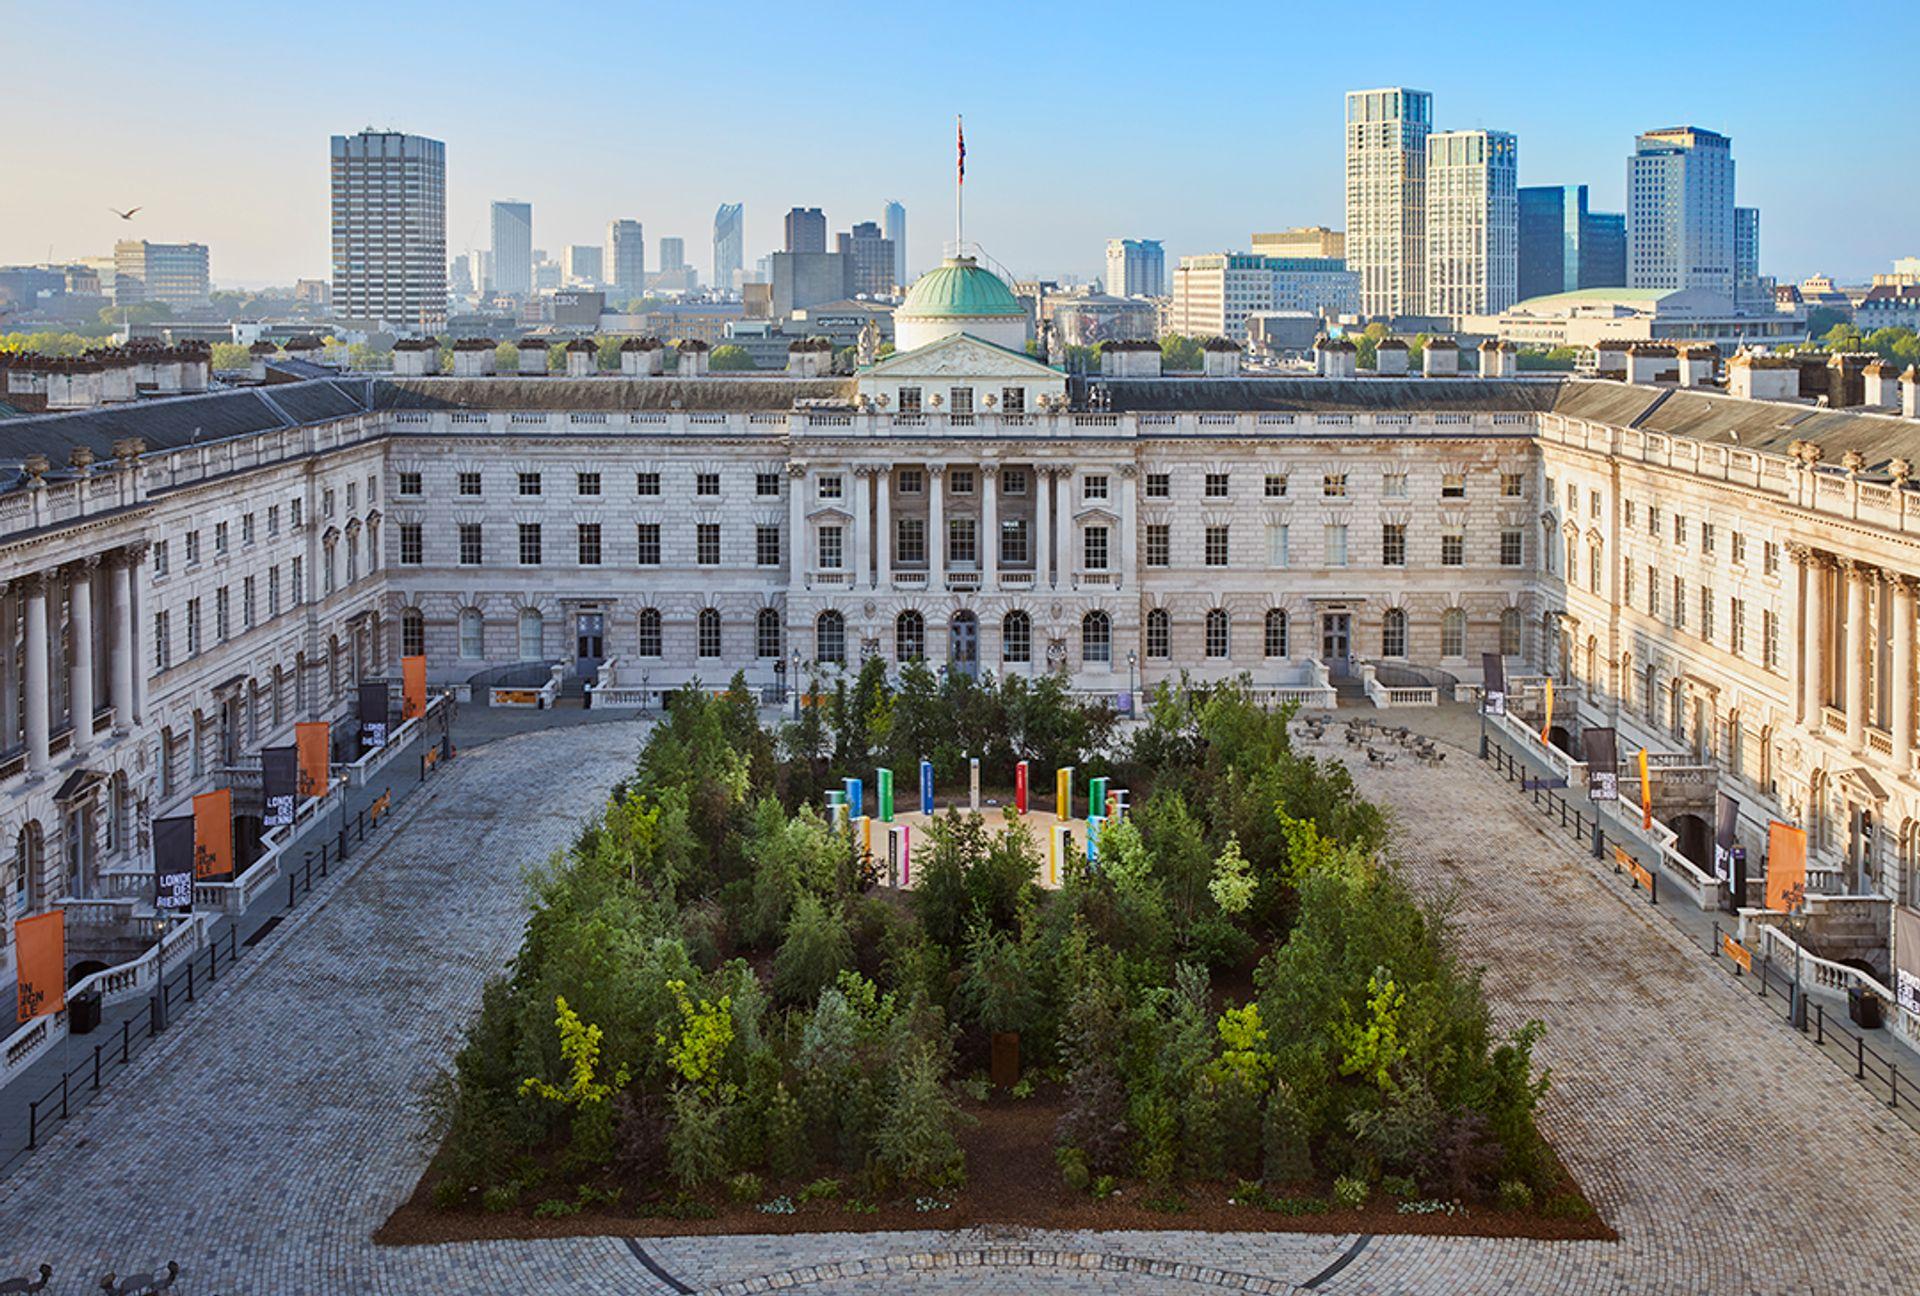 Forest for Change, The Global Goals Pavilion, Es Devlin Ed Reeve